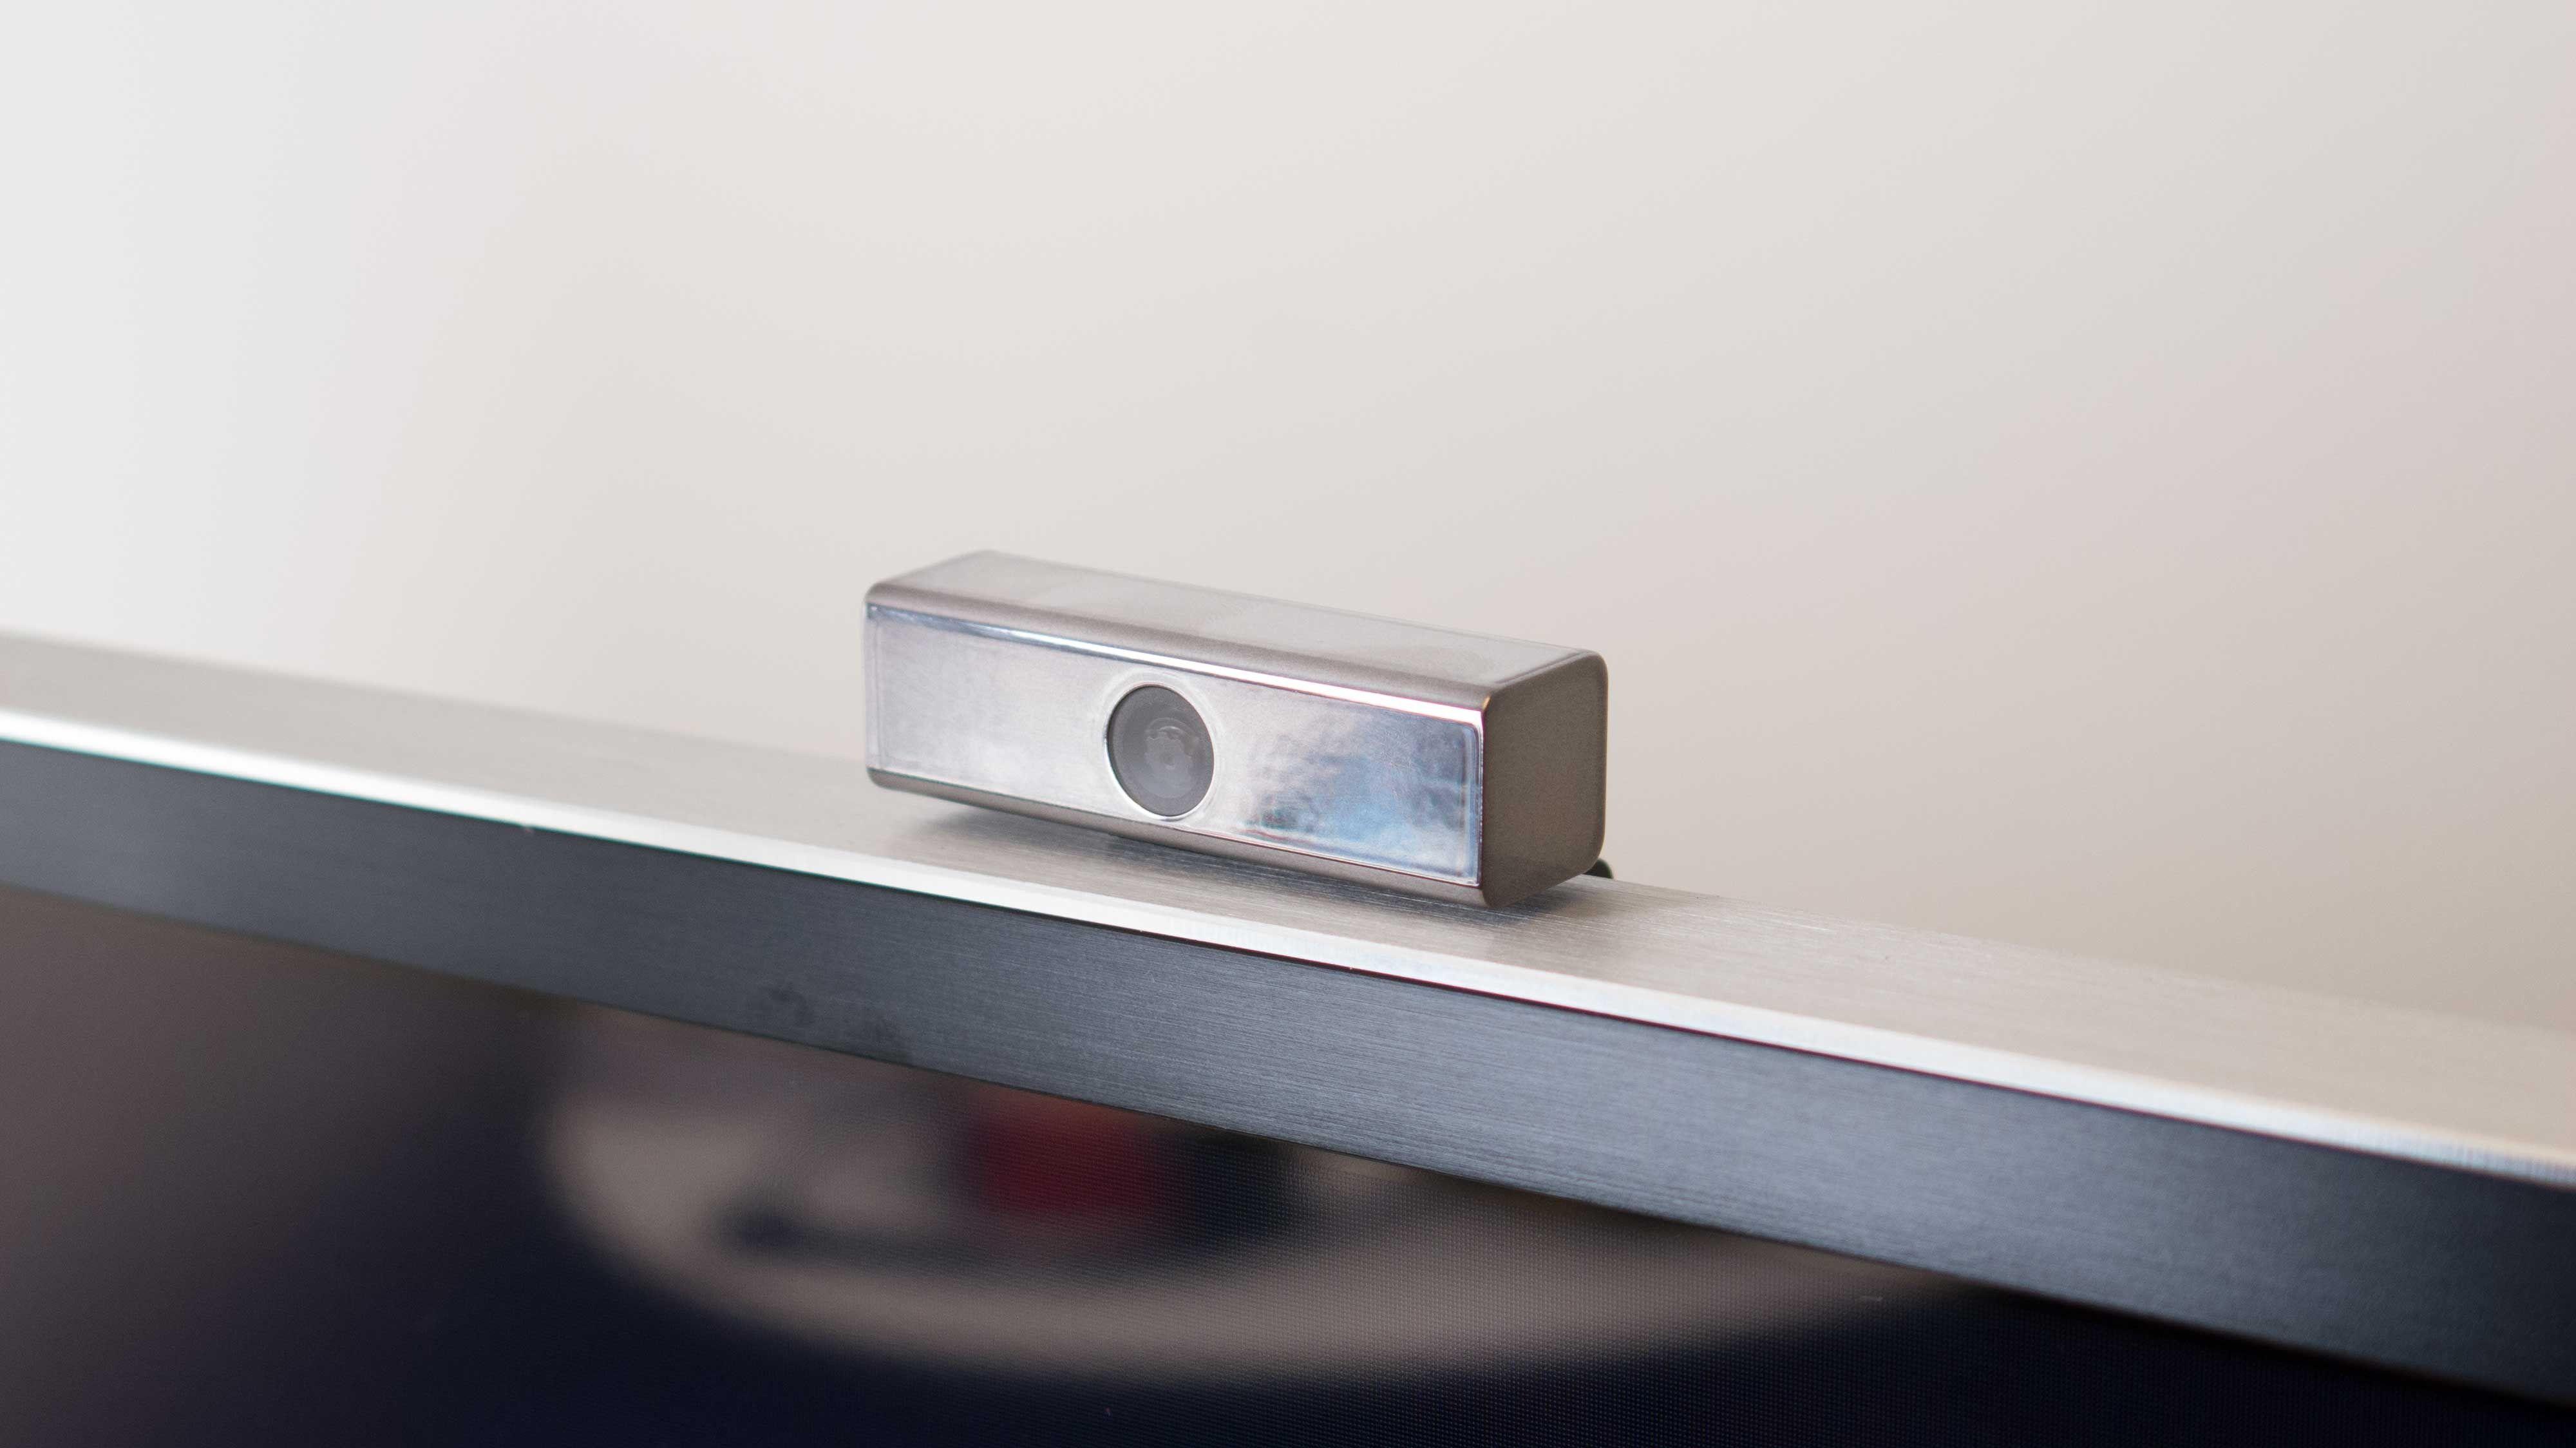 Dette webkameraet kunne med hell vært viet mer tid når det kommer til utseende. Heldigvis kan det kobles fra om du ikke skal bruke det. (Foto: Ole Henrik Johansen / Tek.no)